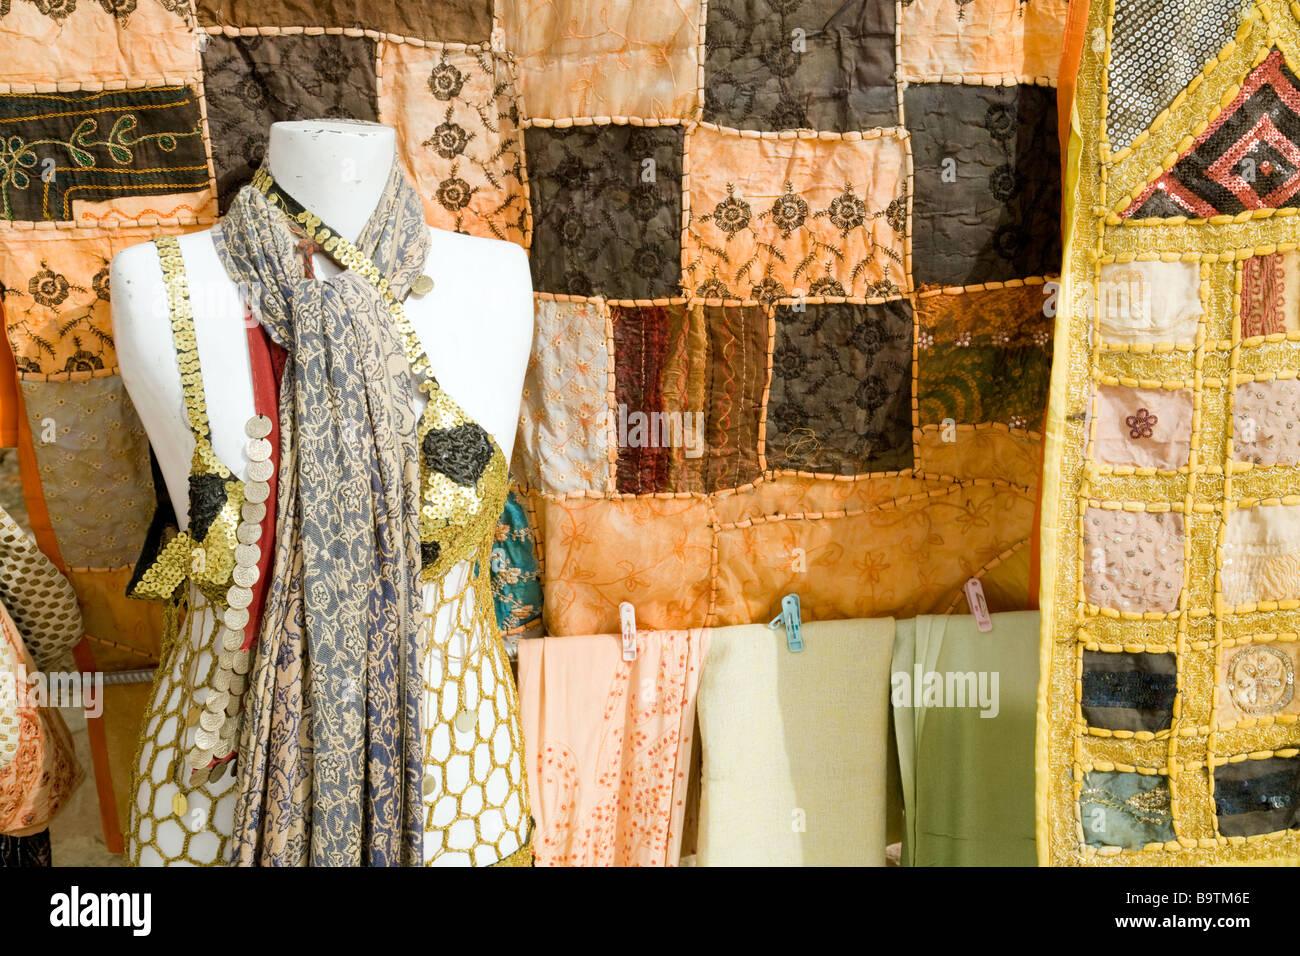 Ropa y material para la venta, Jordania Imagen De Stock